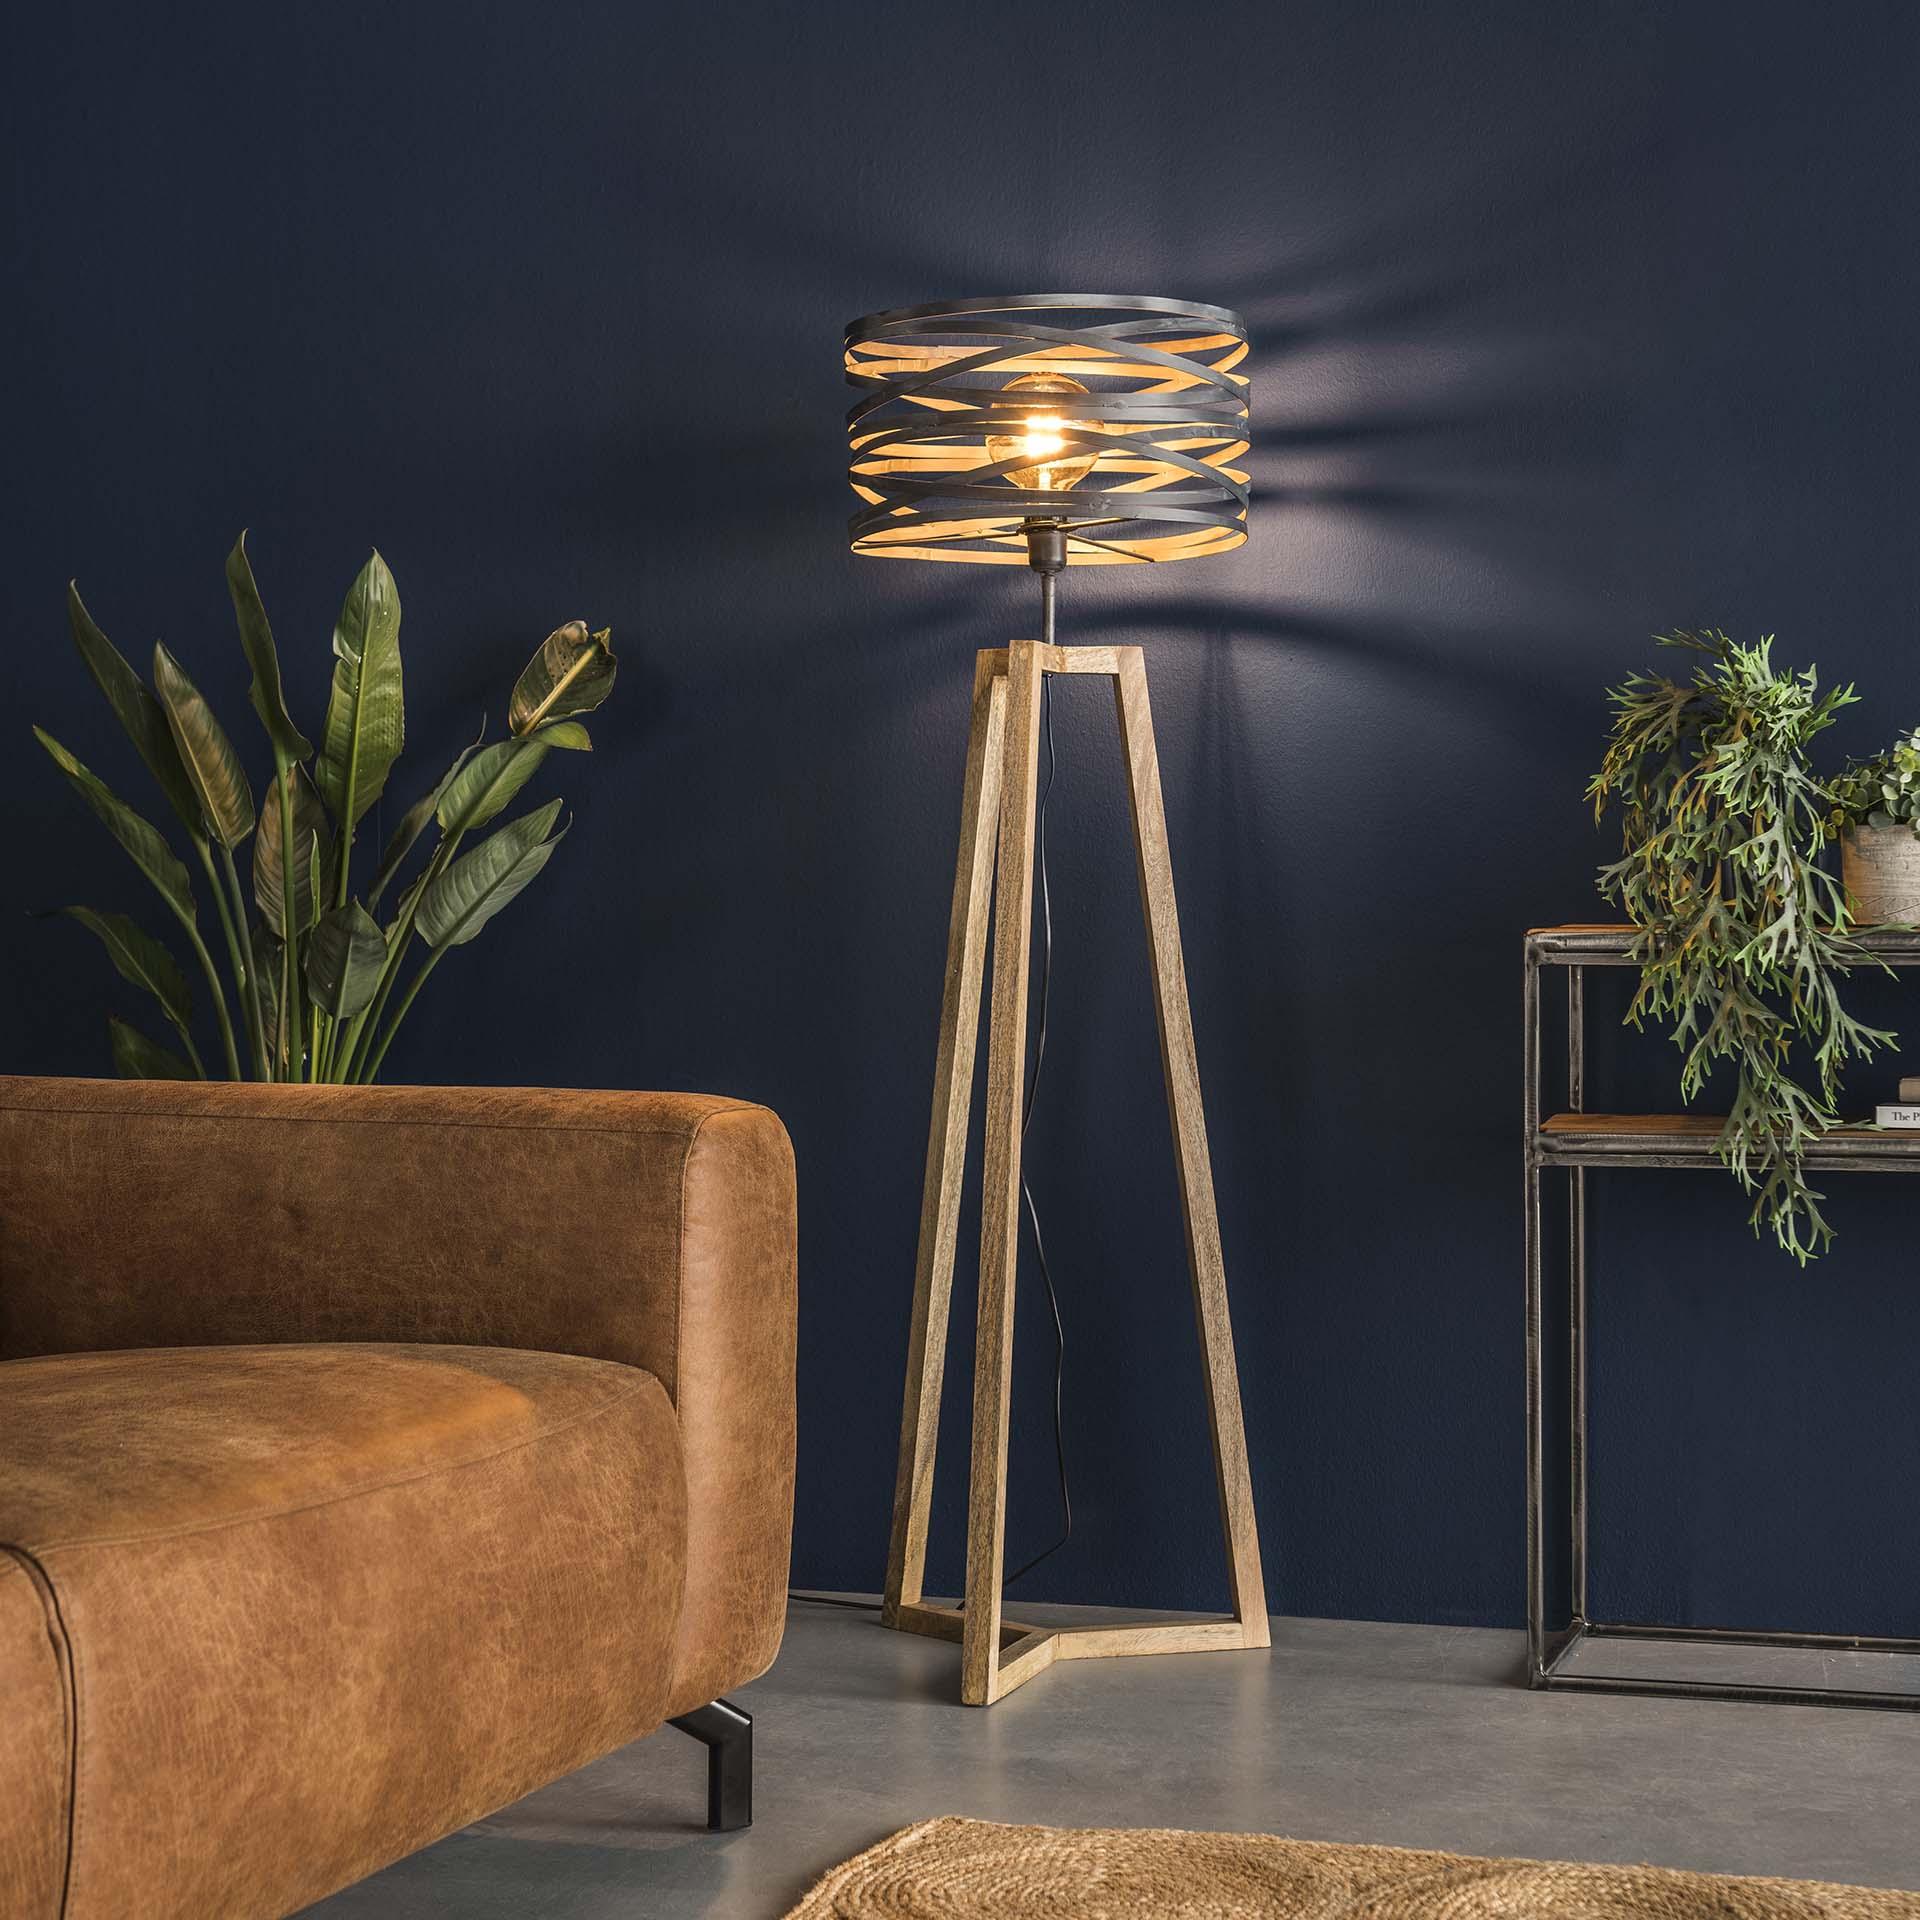 lampadaire moderne gris effet ruban pied bois naturel lucknow lampadaires pier import